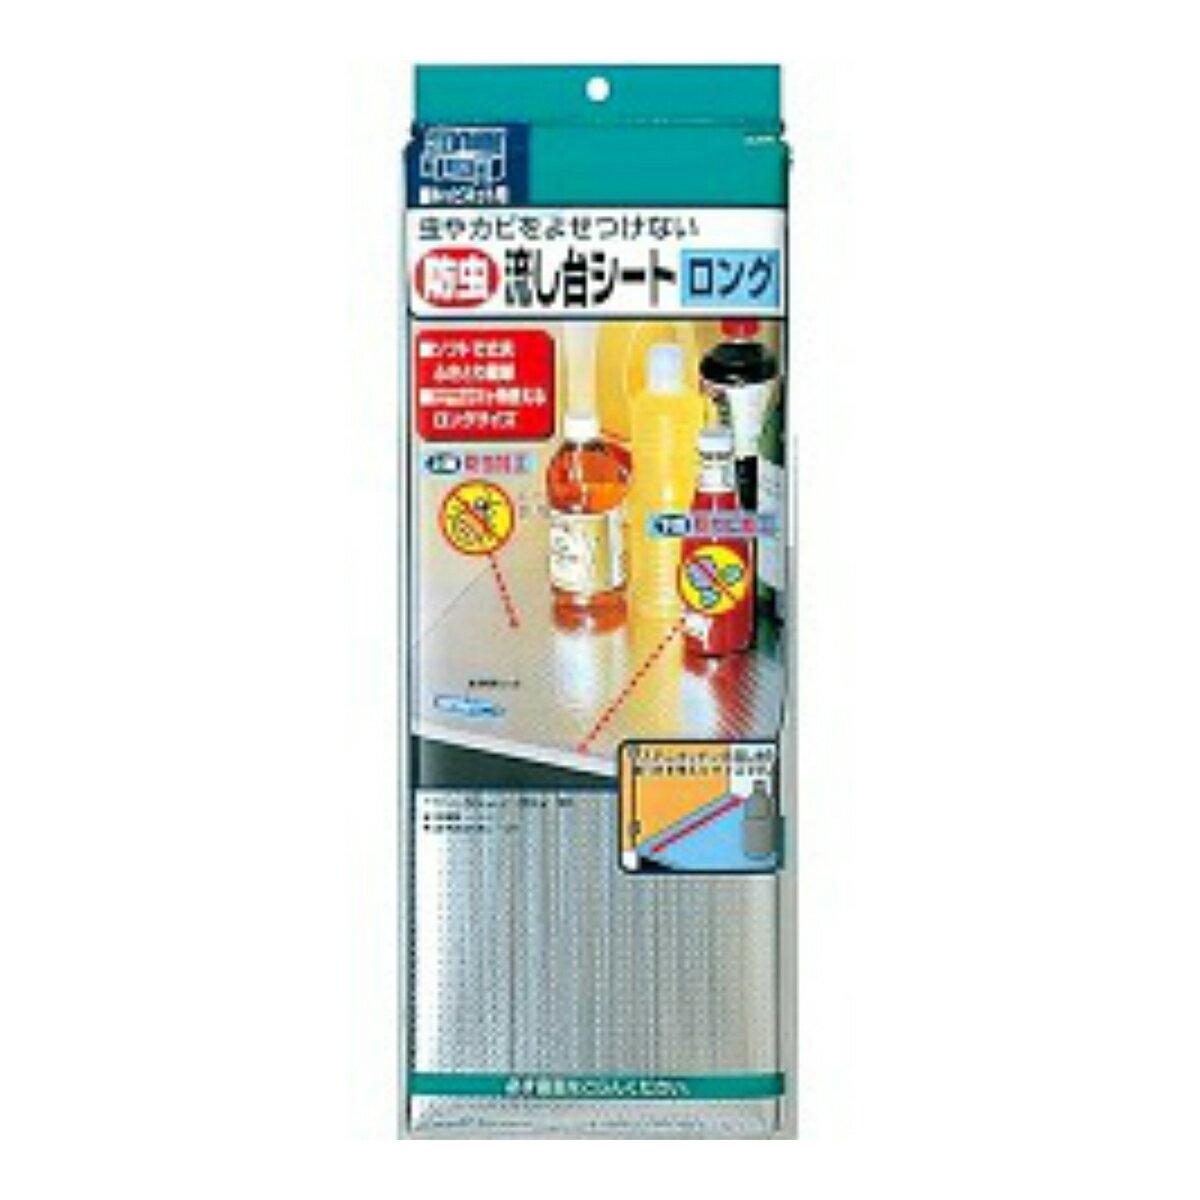 水まわり用品, シンクマット  15 ( 4901987223146 )